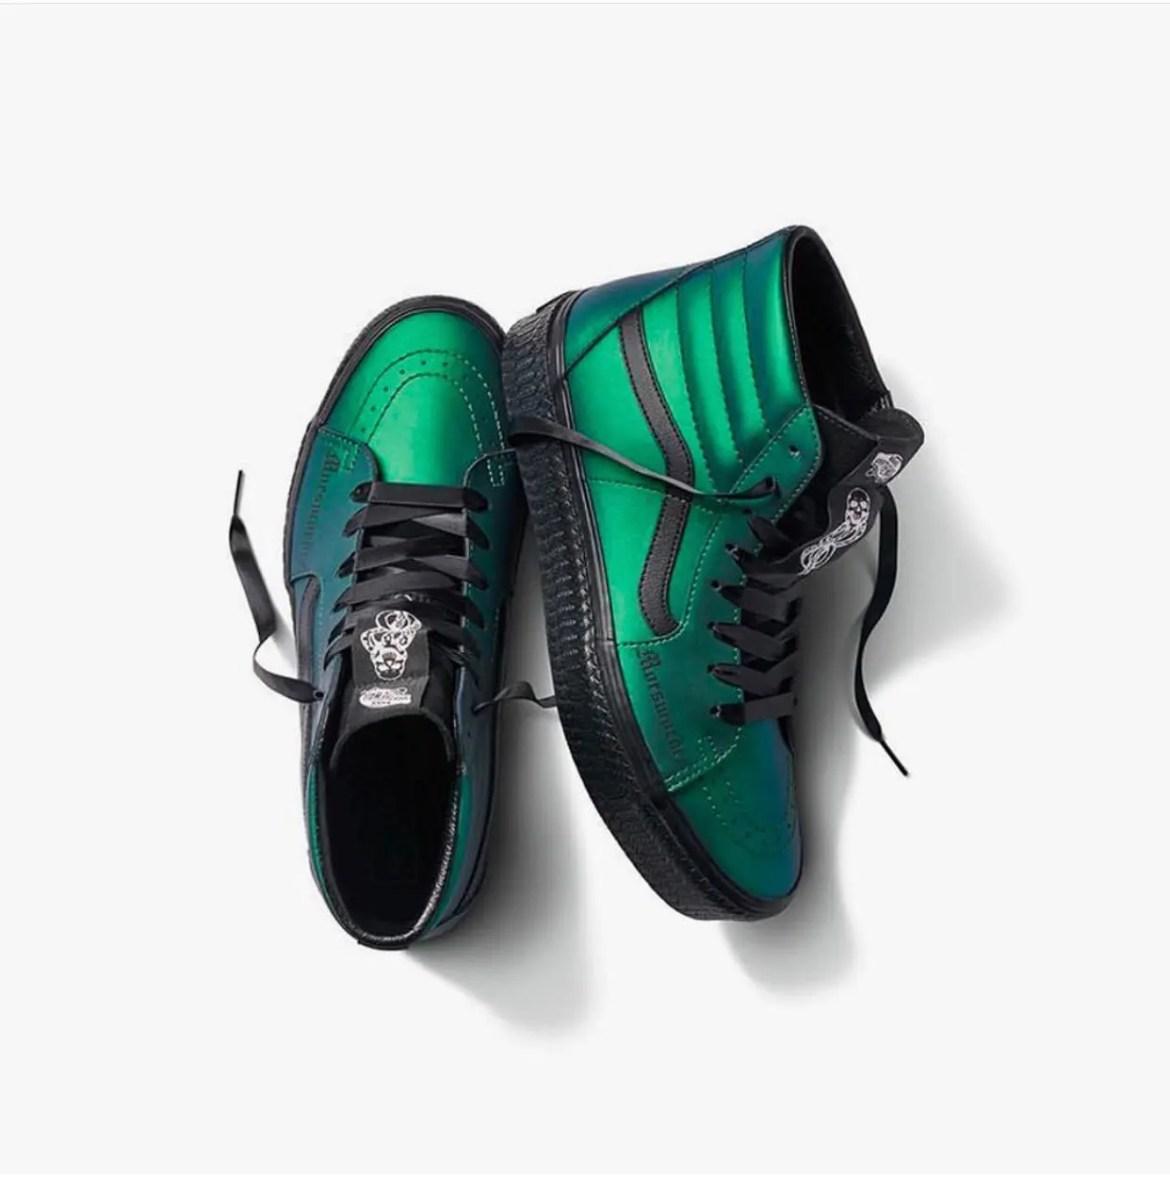 vans-harry-potter-sneakers-07